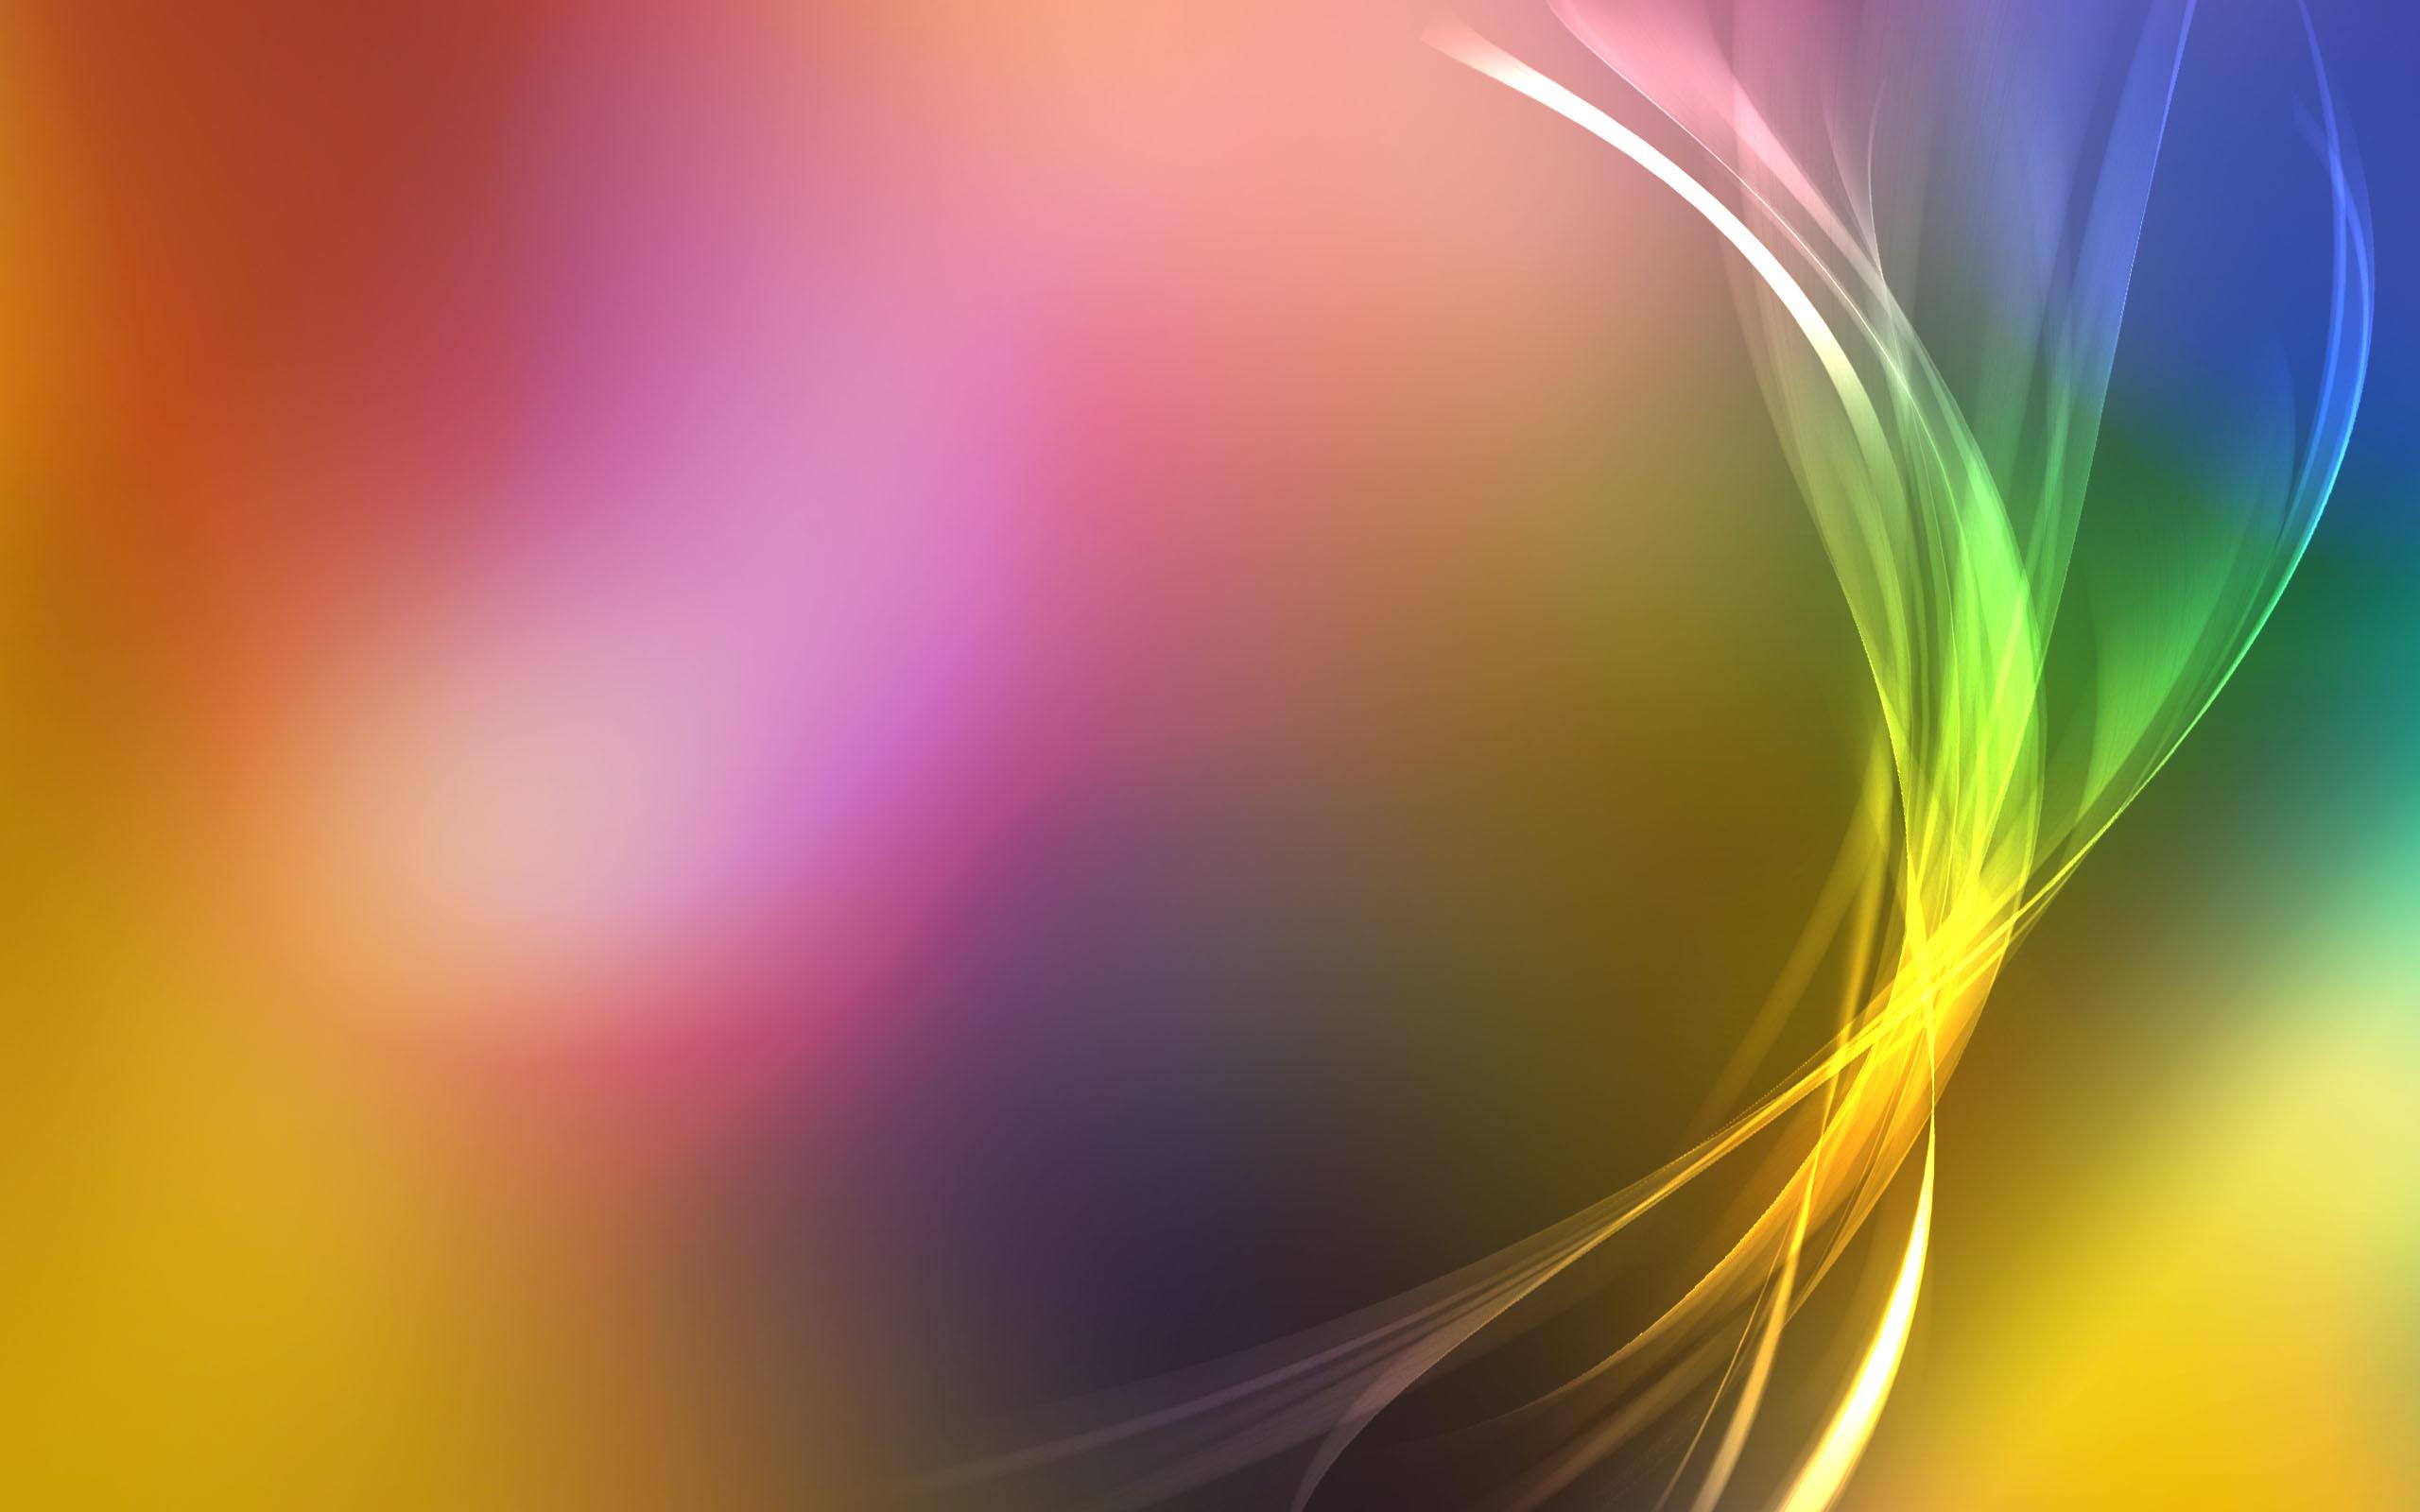 Colorful Wallpapers wallpaper Colorful Wallpapers hd wallpaper 2560x1600